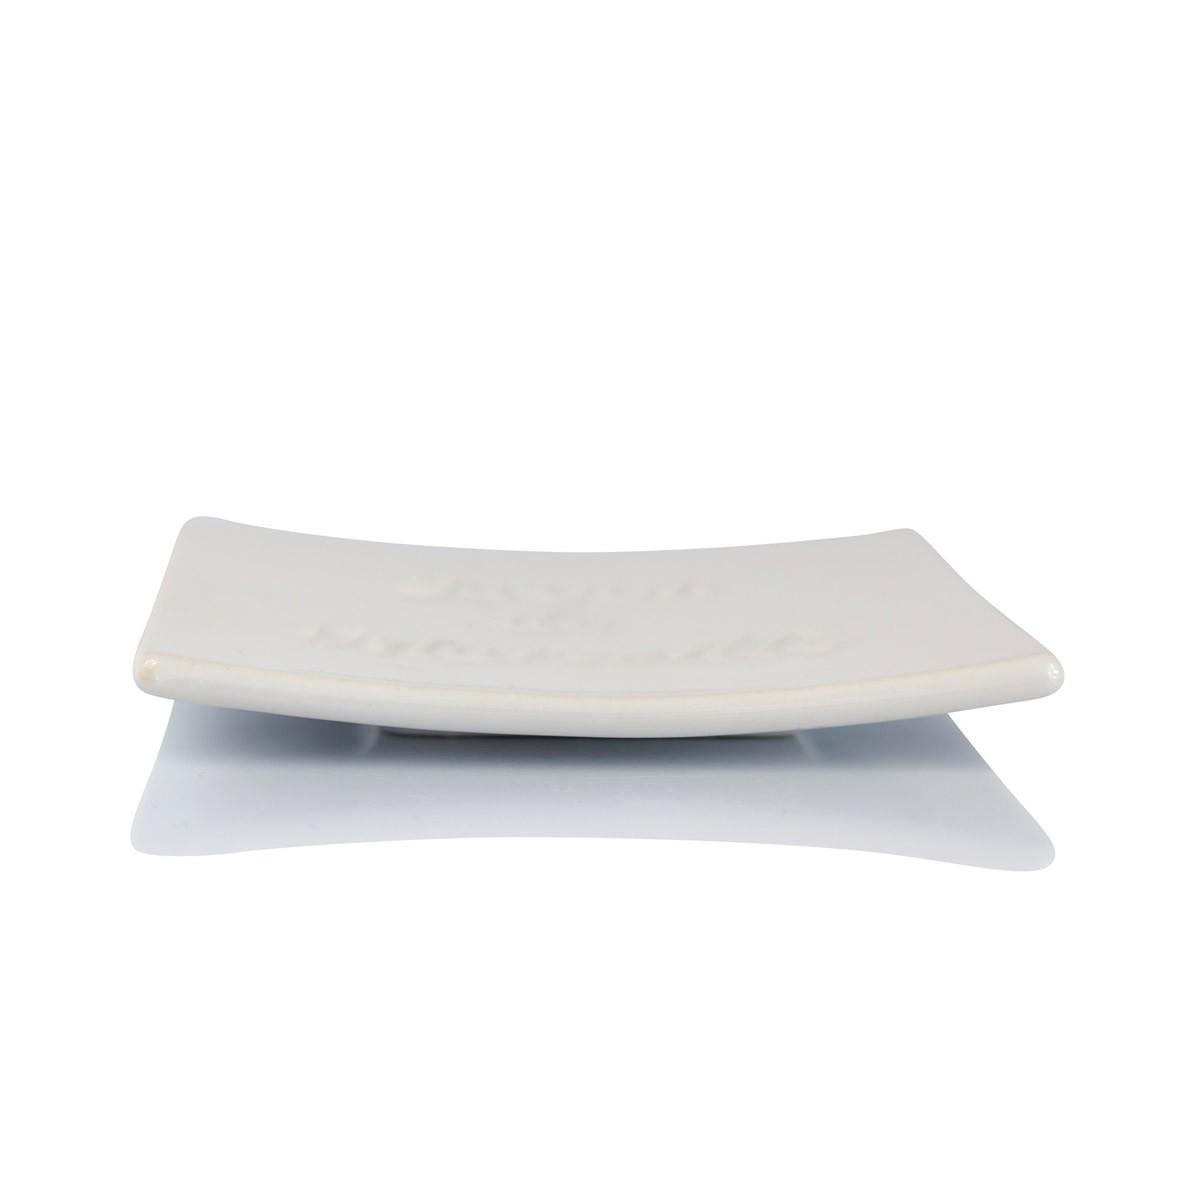 Σαπουνοθήκη Spirella SavonDeMarseille 02771 White